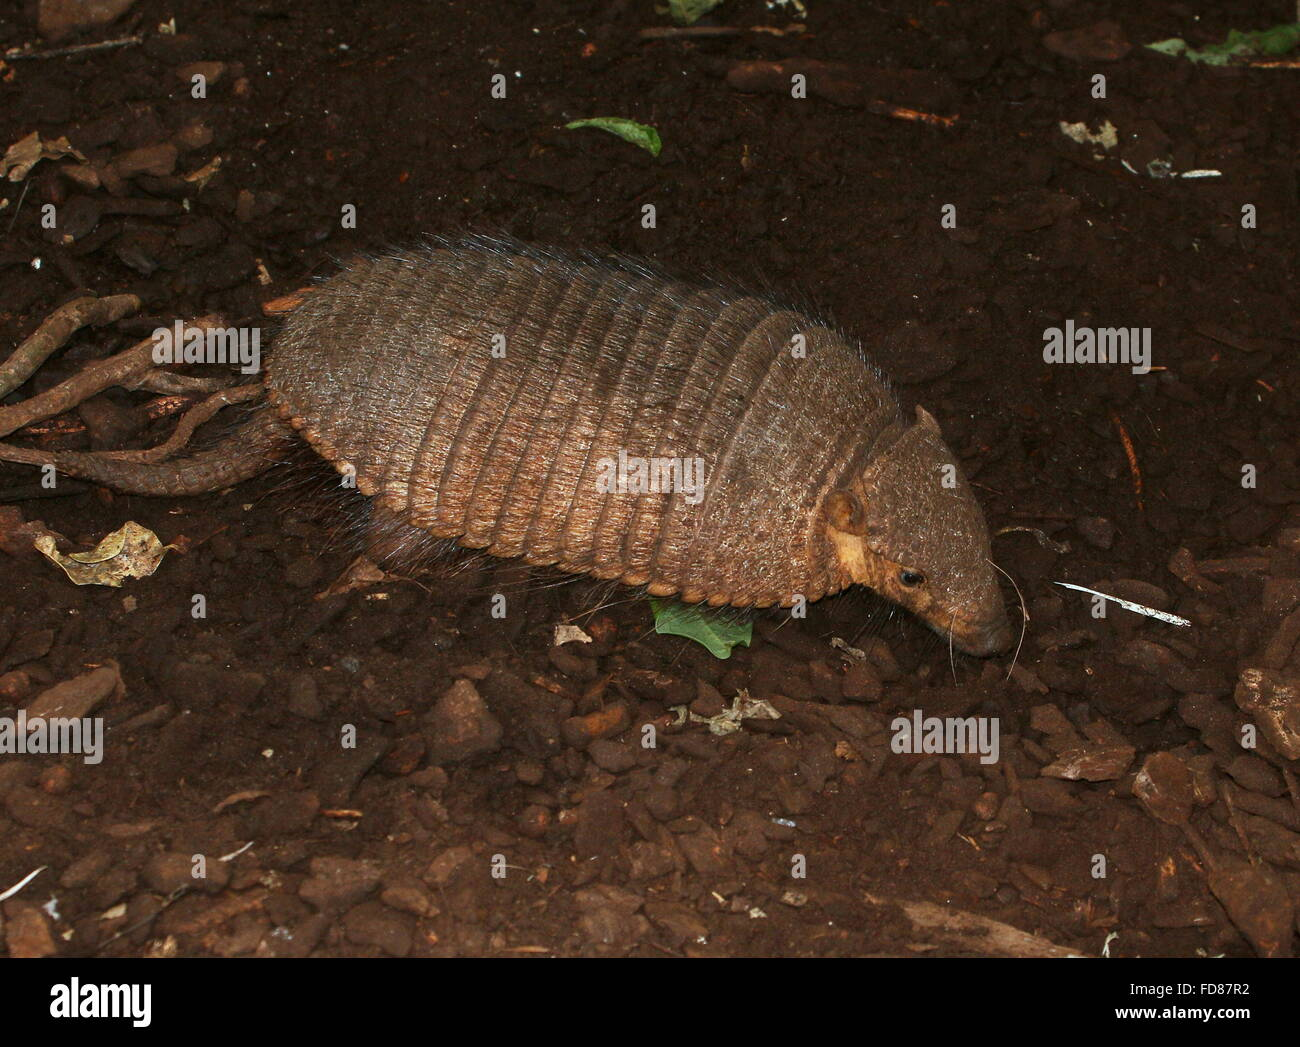 Grandes sudamericanos armadillo peludo (Chaetophractus villosus) explorar Imagen De Stock